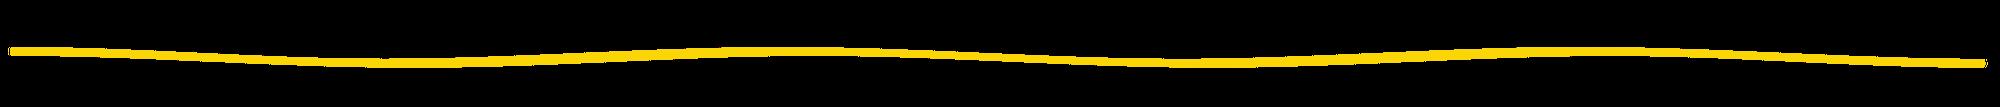 separatore linea onda gialla